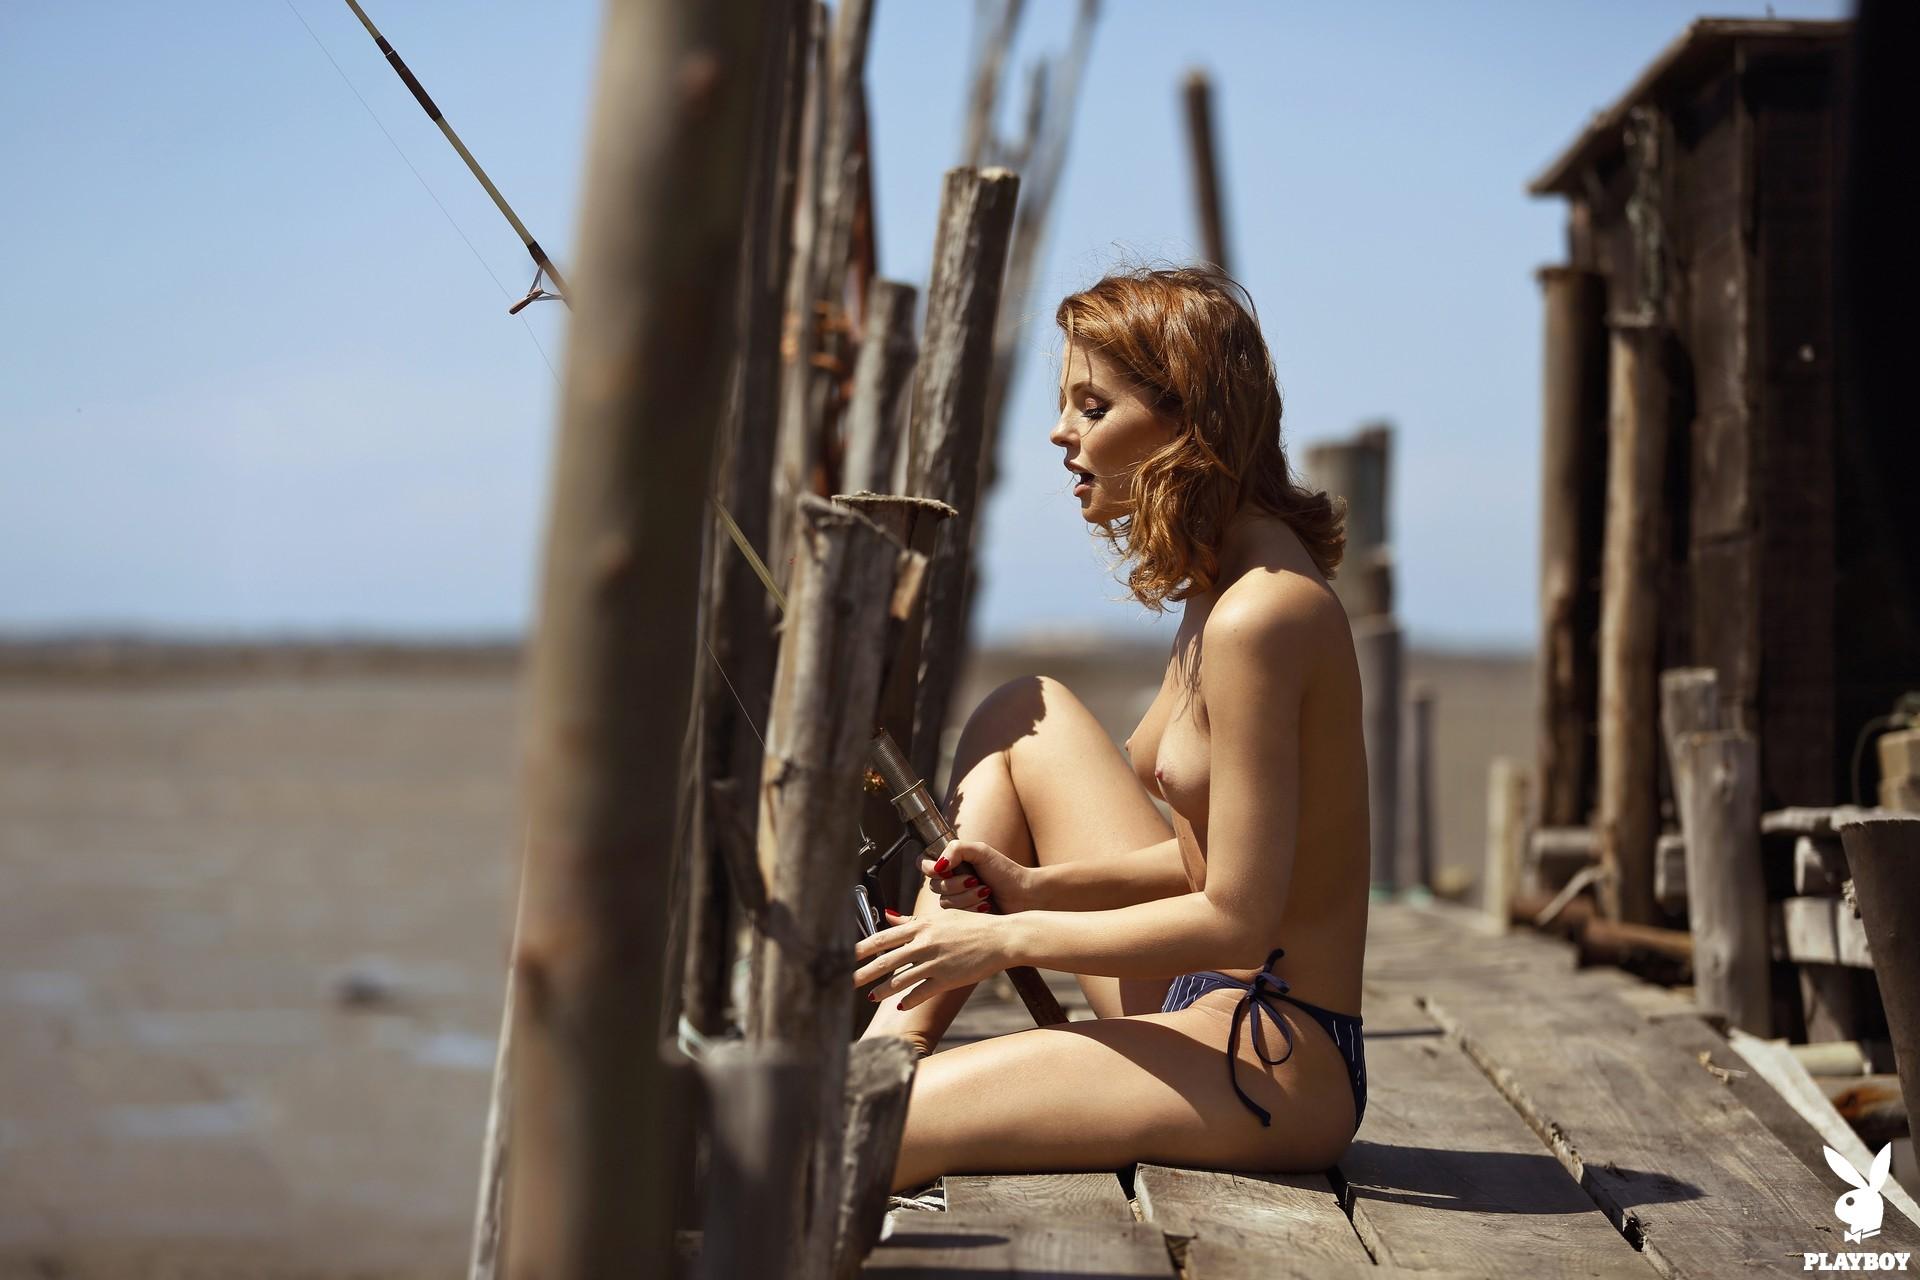 Playmate July 2018: Valeria Lakhina - Playboy Plus 2